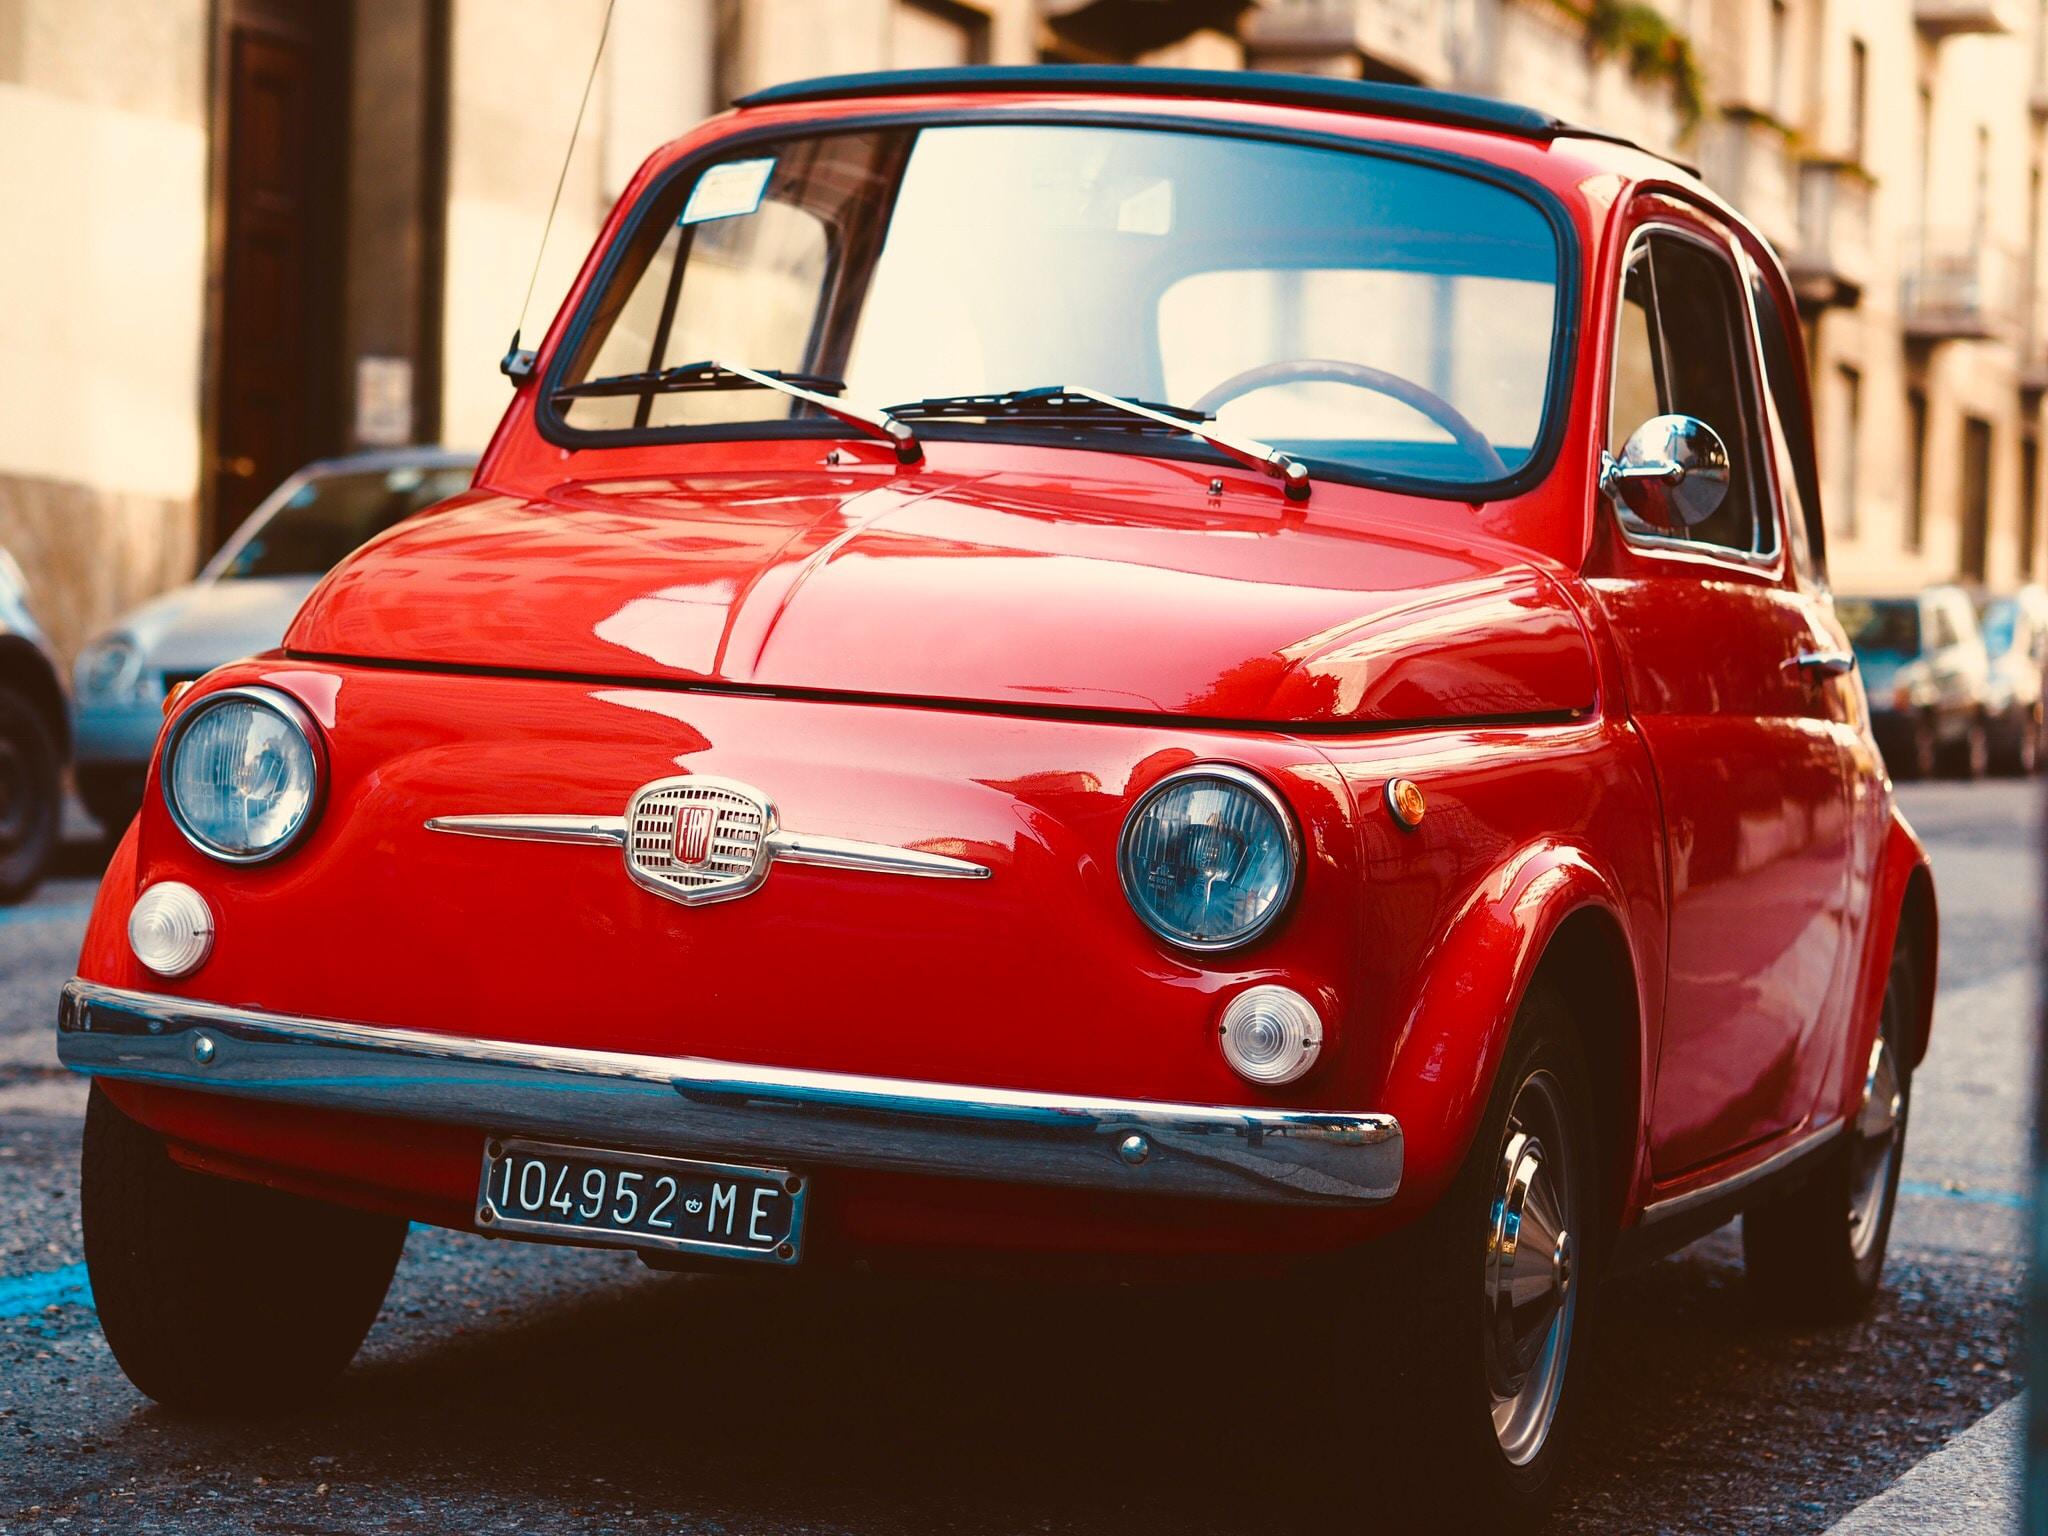 Museo-Nazionale-dell%E2%80%99Automobile-Turin.jpg?1578750582